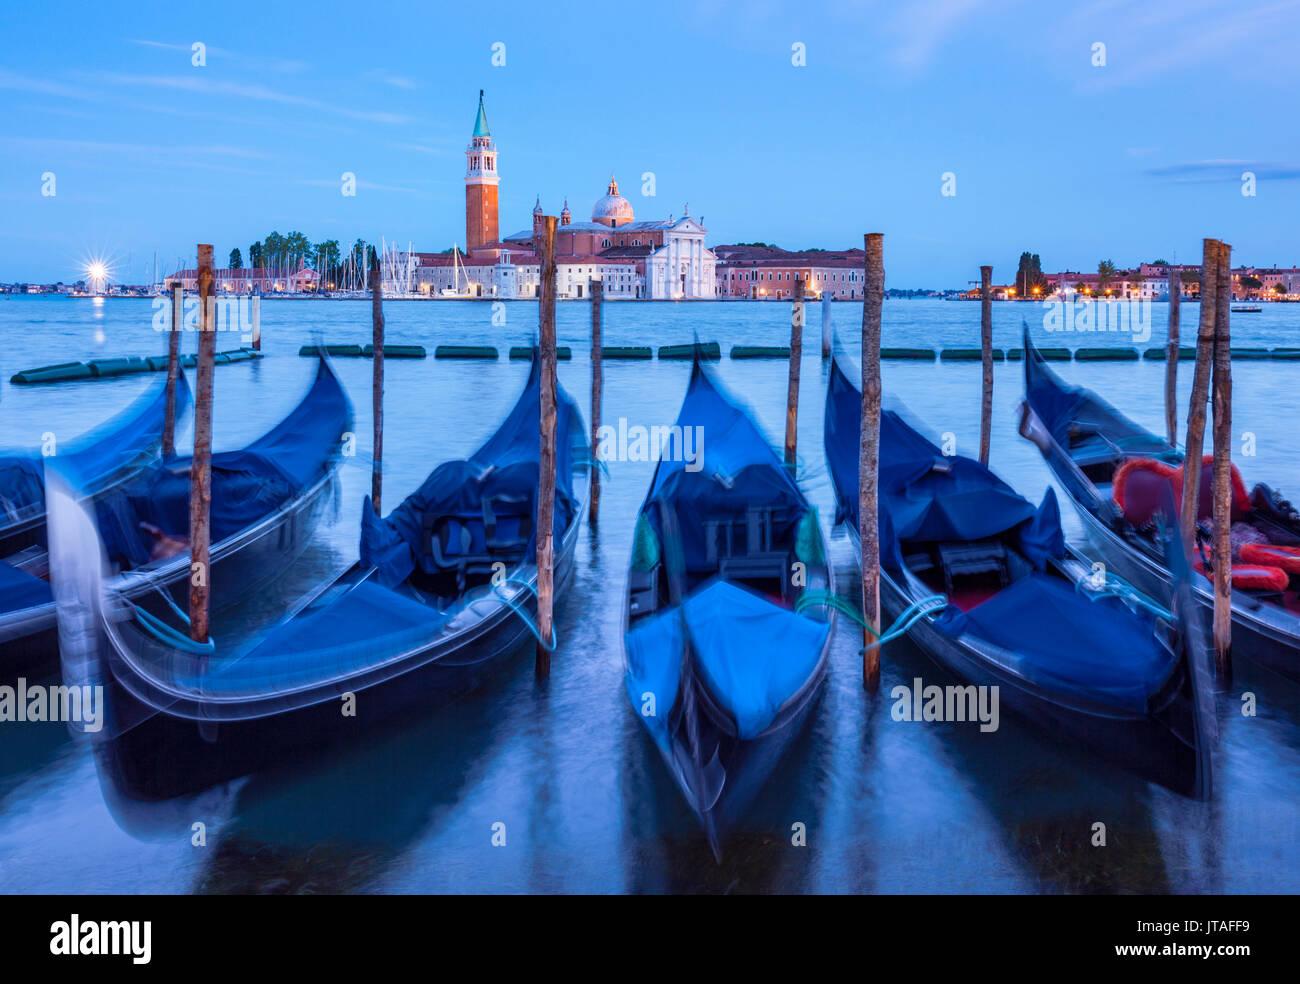 Gondoles amarré à la nuit dans le bassin de San Marco (St. Le bassin), le bord de l'eau, Venise, UNESCO World Heritage Site, Vénétie, Italie, Europe Photo Stock